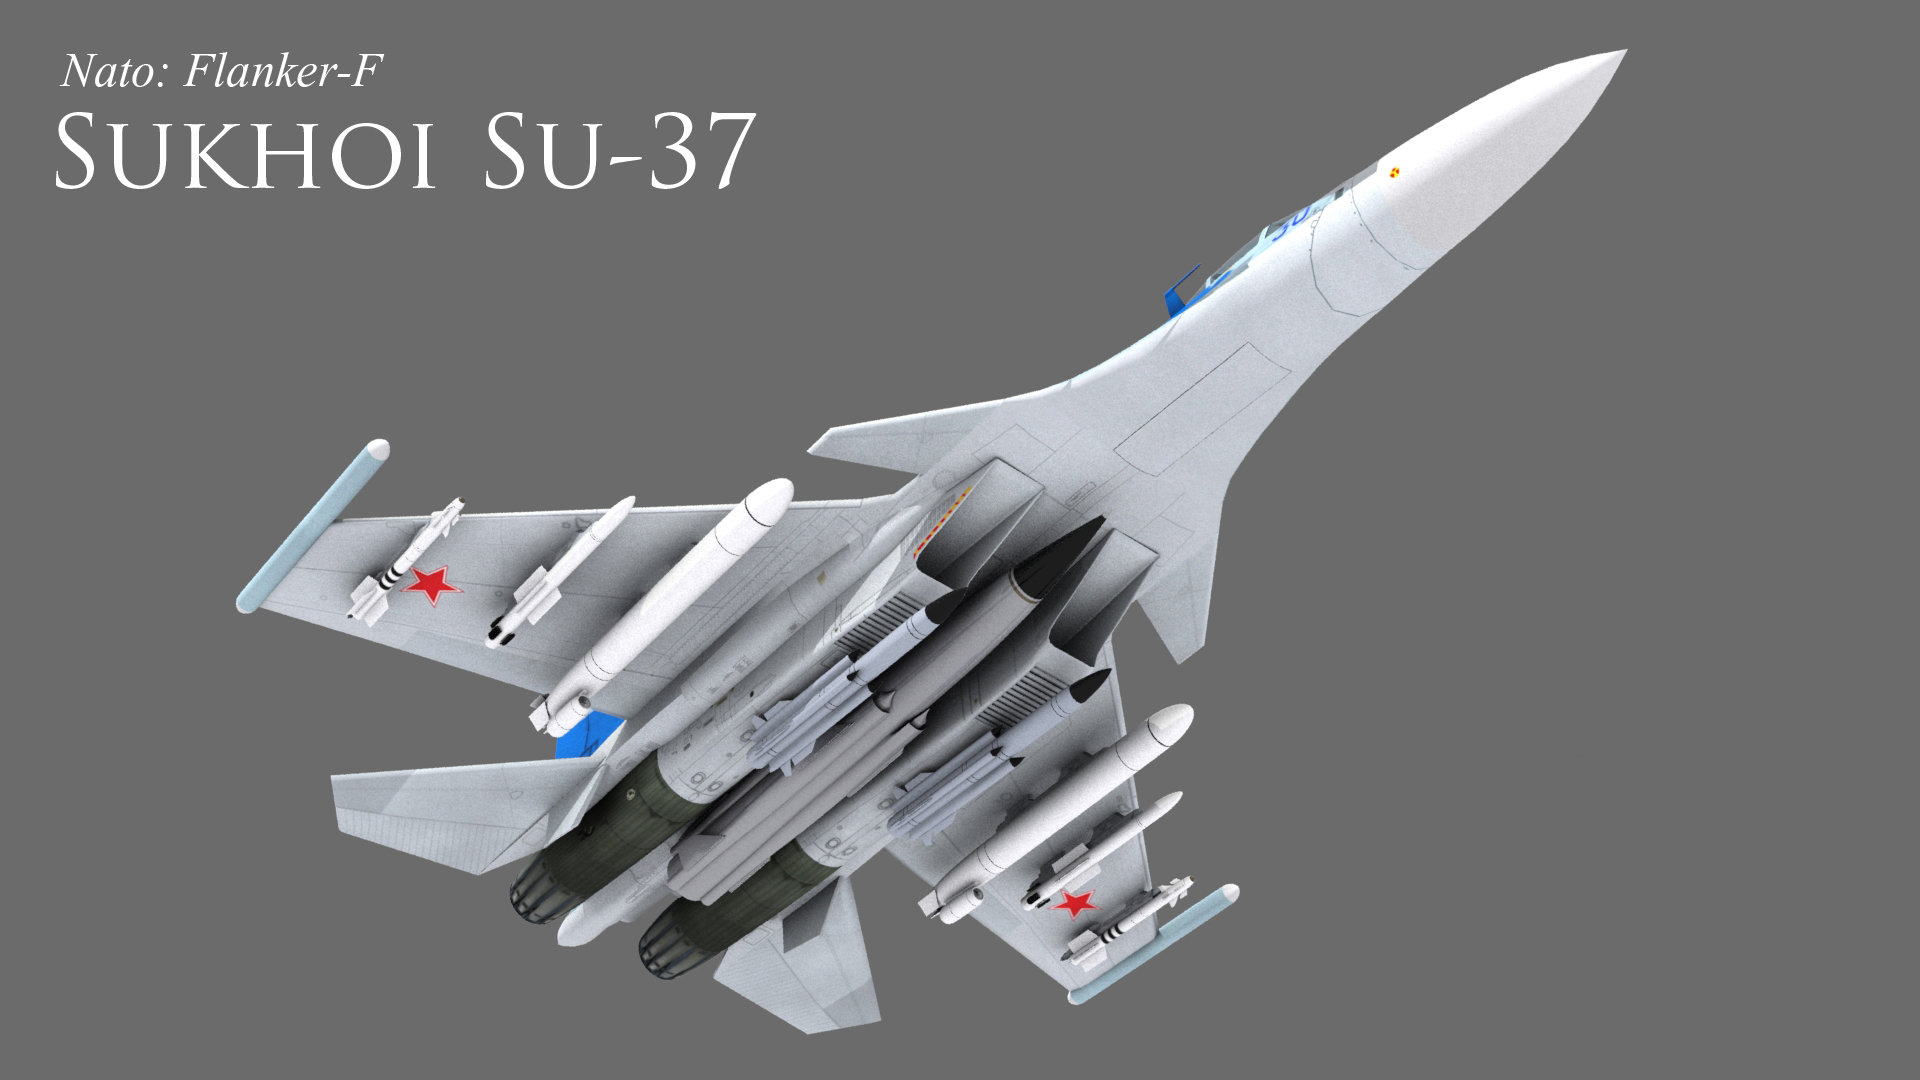 Cú lòe ngoạn mục của Nga: Su-37 cực kỳ đặc biệt từng khiến Mỹ-NATO lạnh gáy, TG sửng sốt - Ảnh 4.